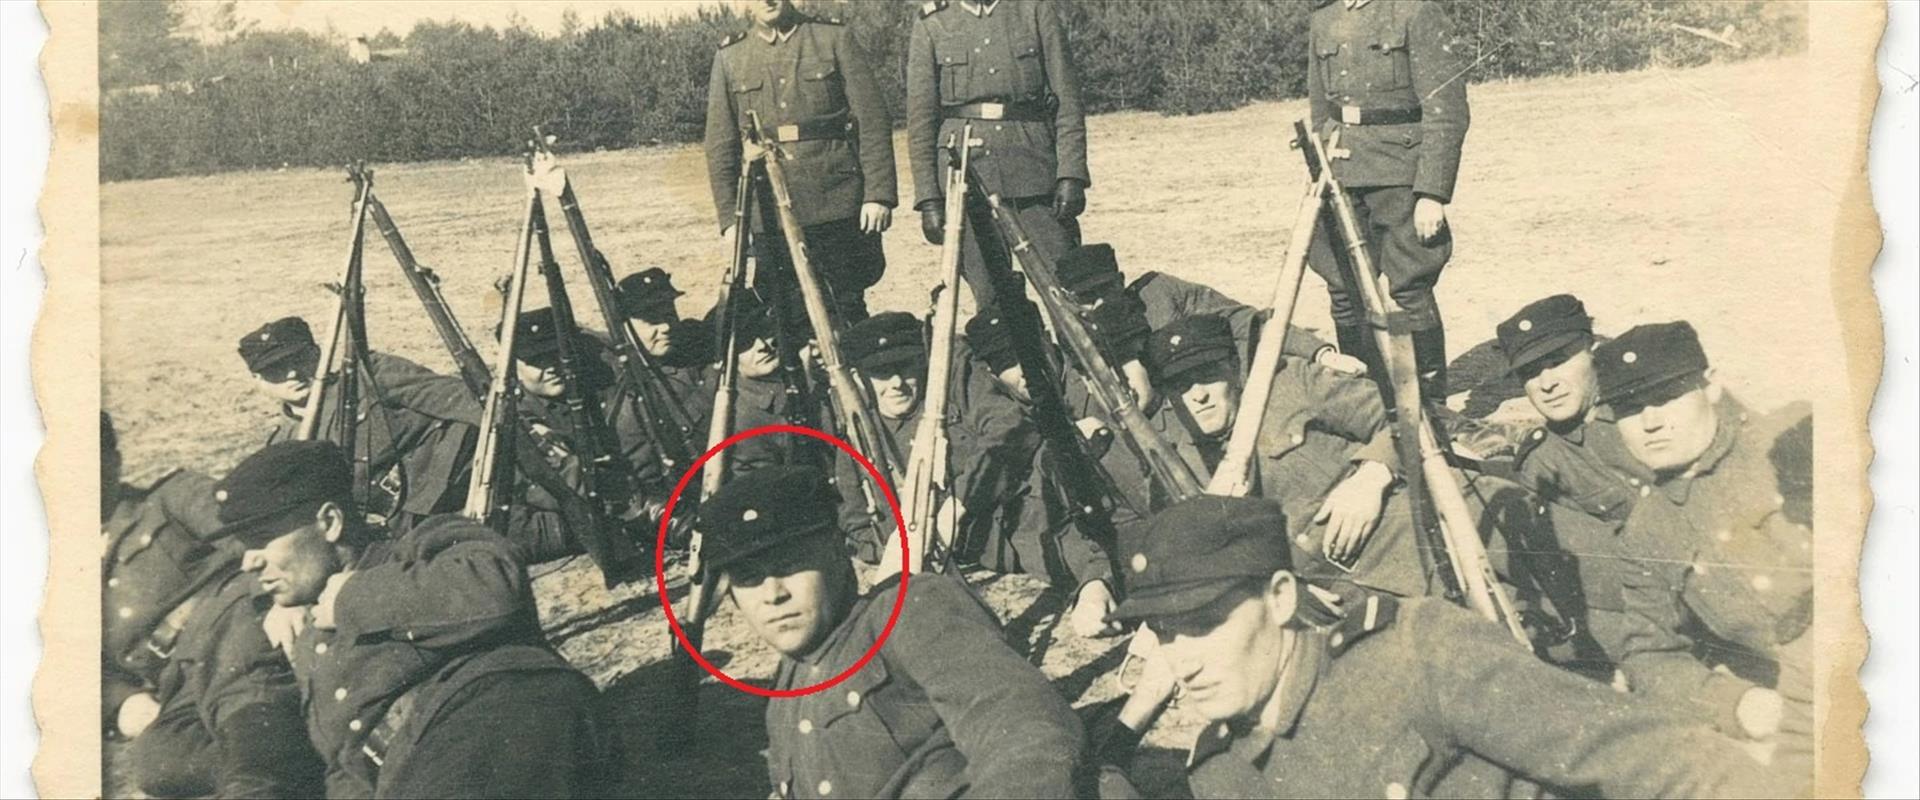 קצינים נאצים, ביניהם דמיאניוק, ליד סוביבור